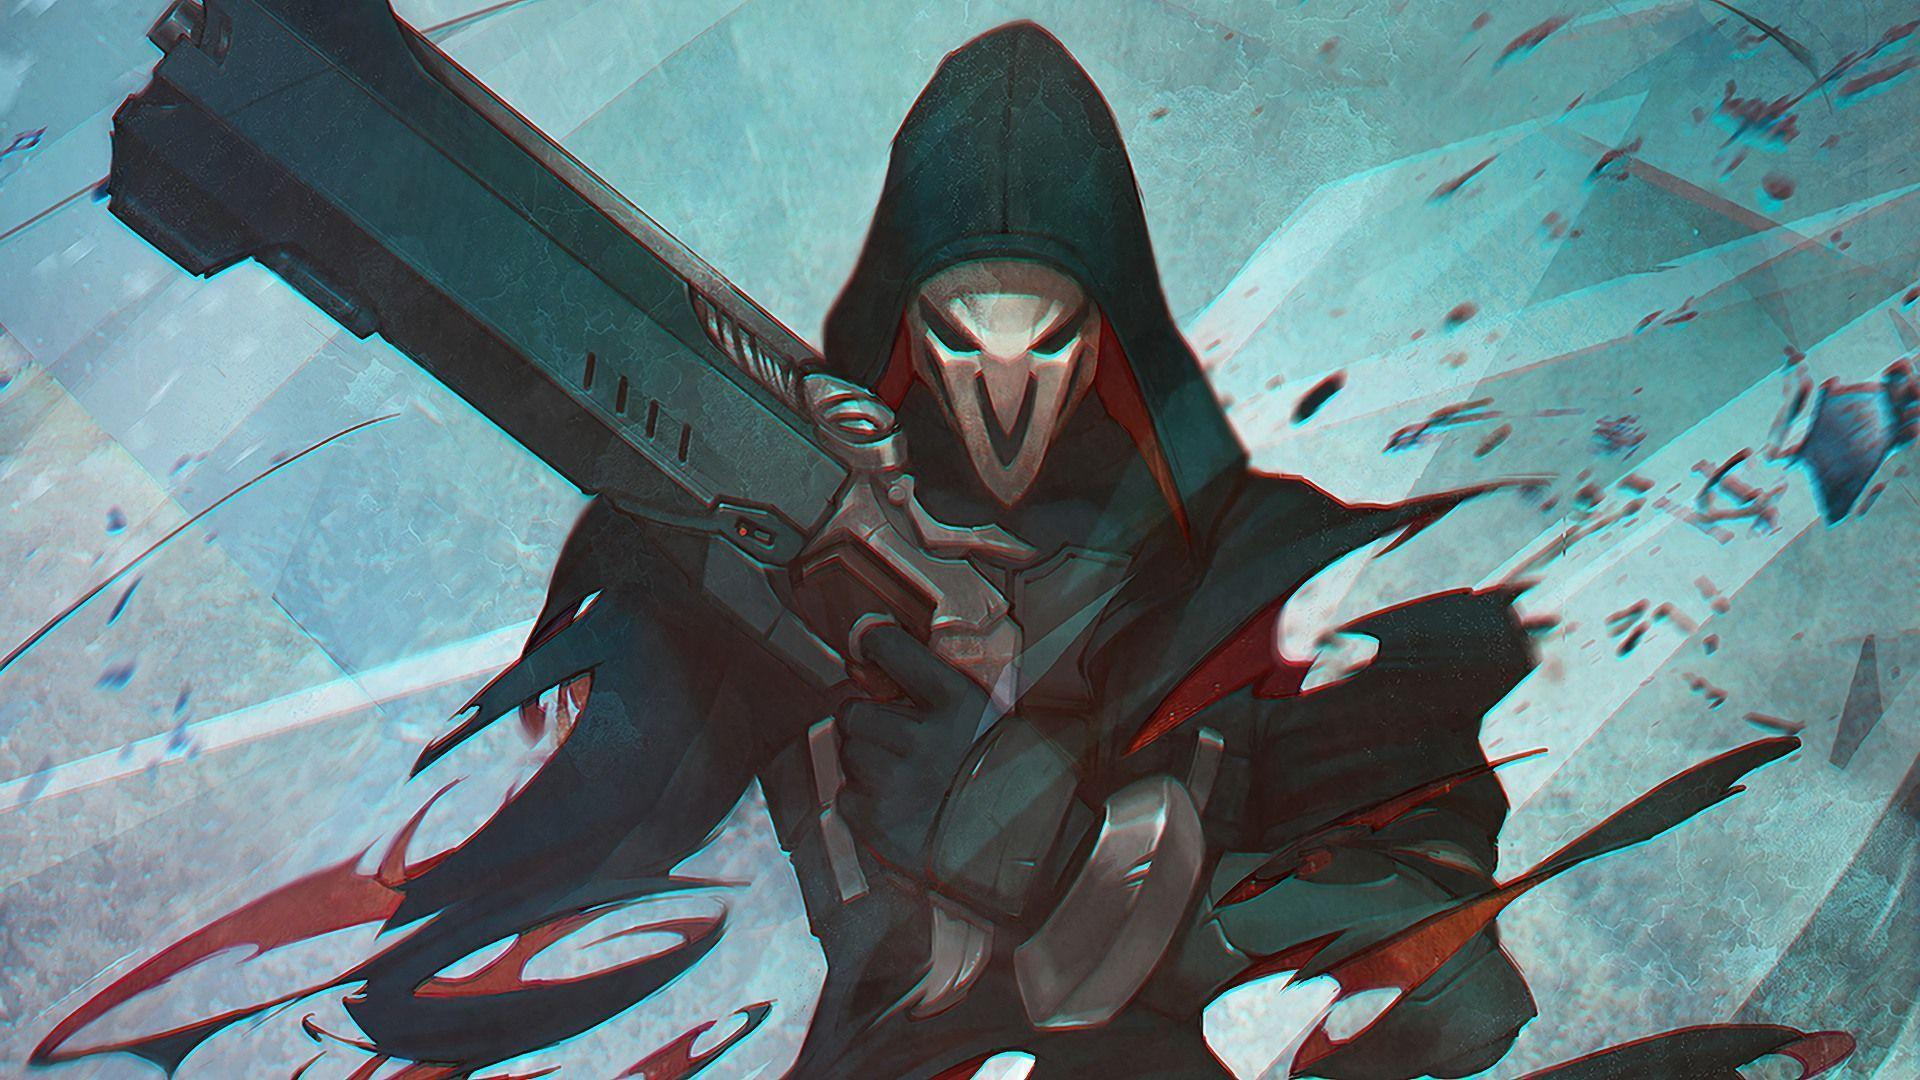 Overwatch Reaper Wallpapers - Wallpaper Cave